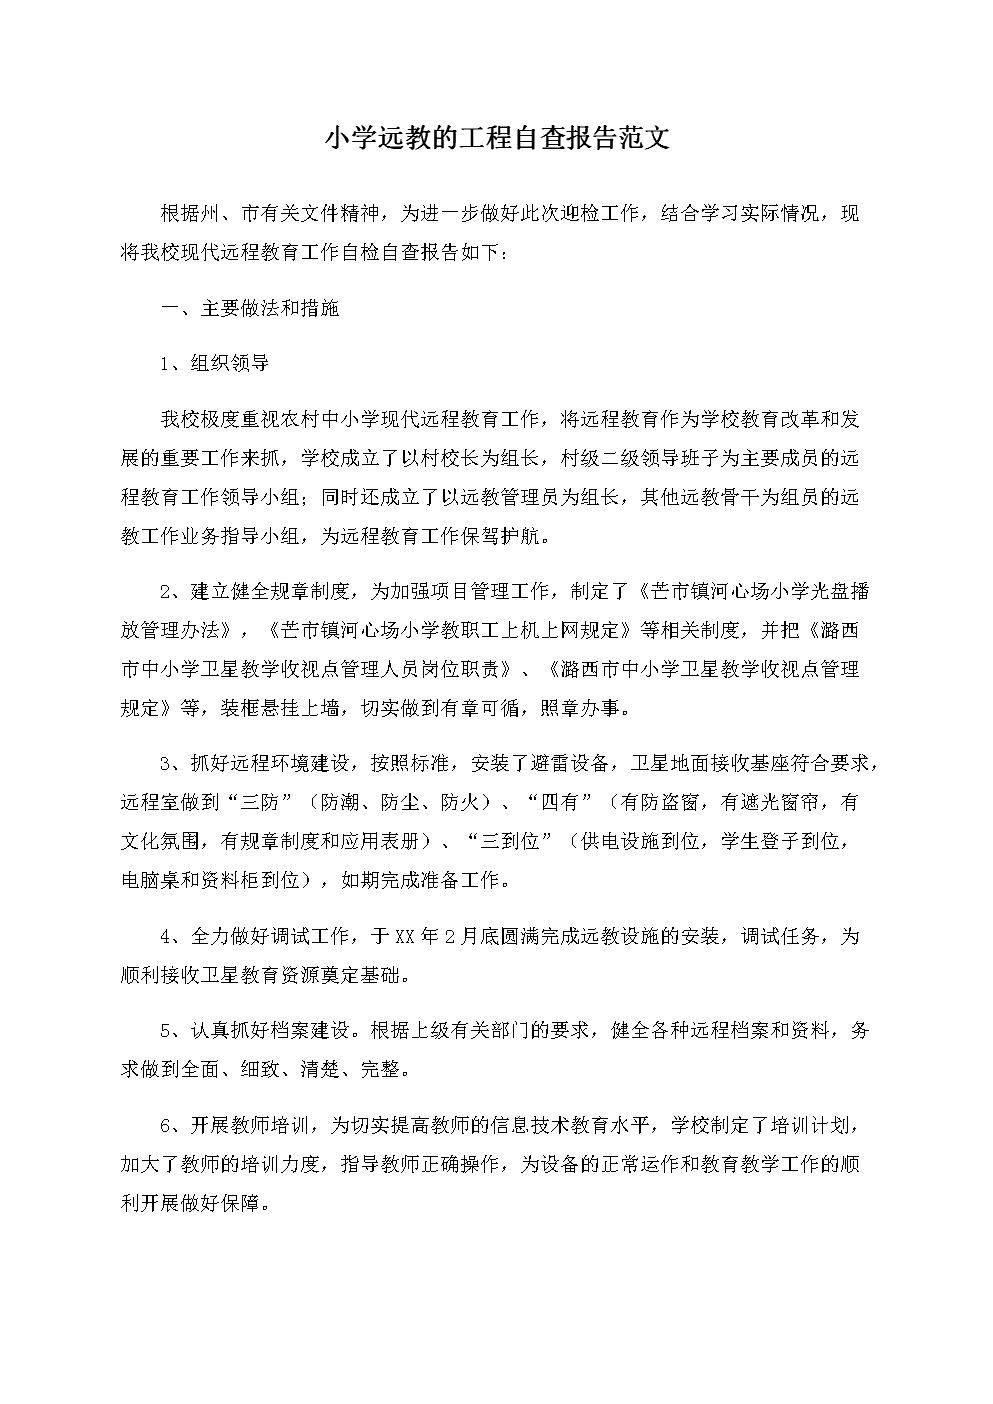 小学远教的工程自查报告.docx